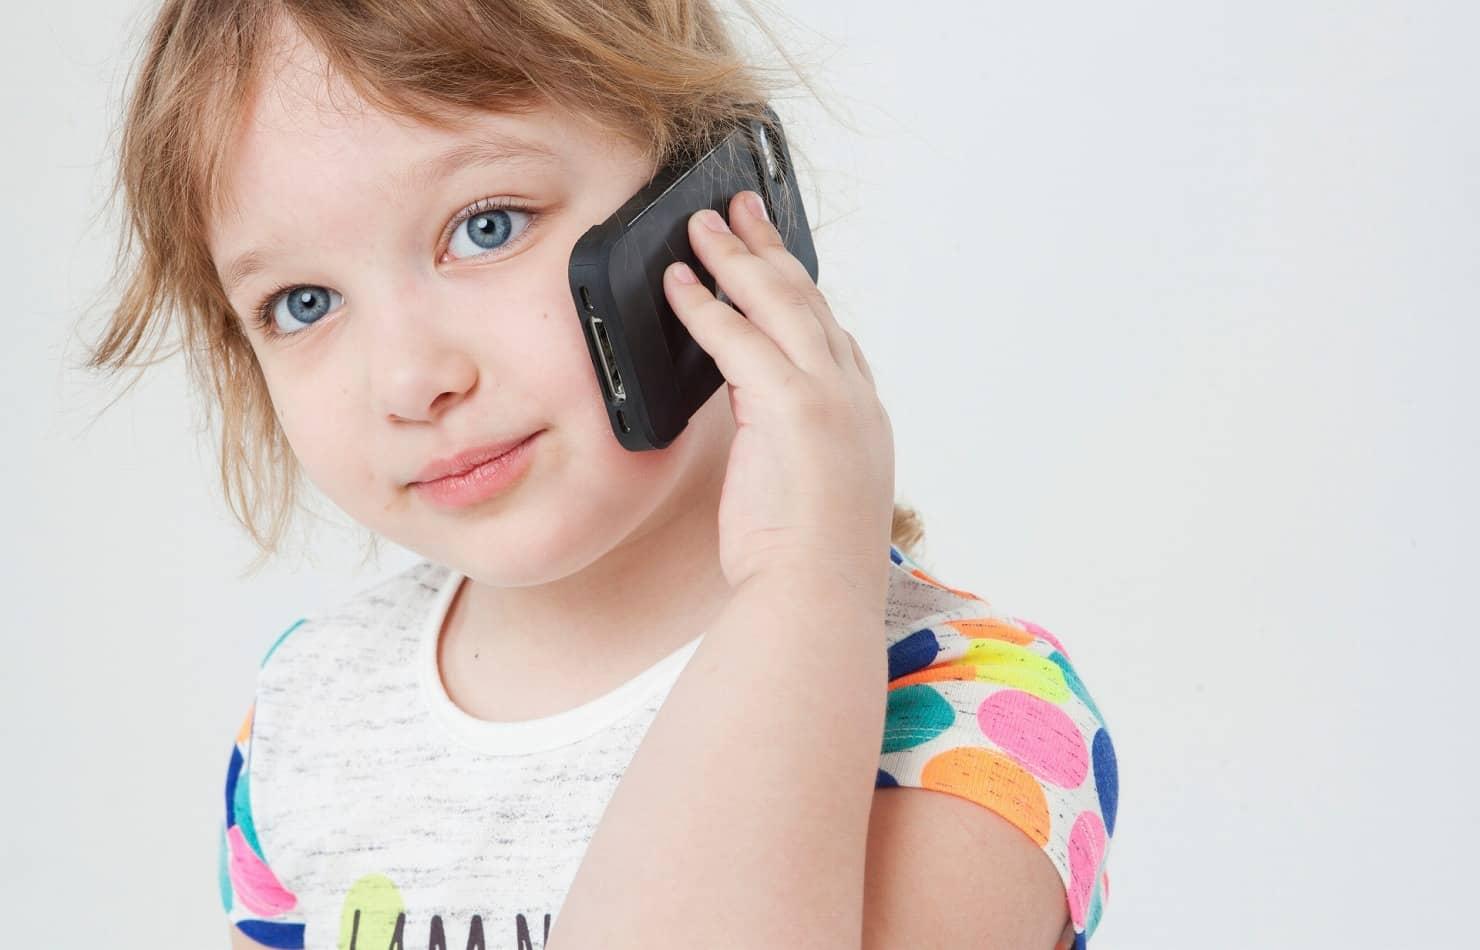 スマホ・携帯電話のおもちゃの選び方とおすすめ15選! ディズニーや写真が撮れる機能も人気